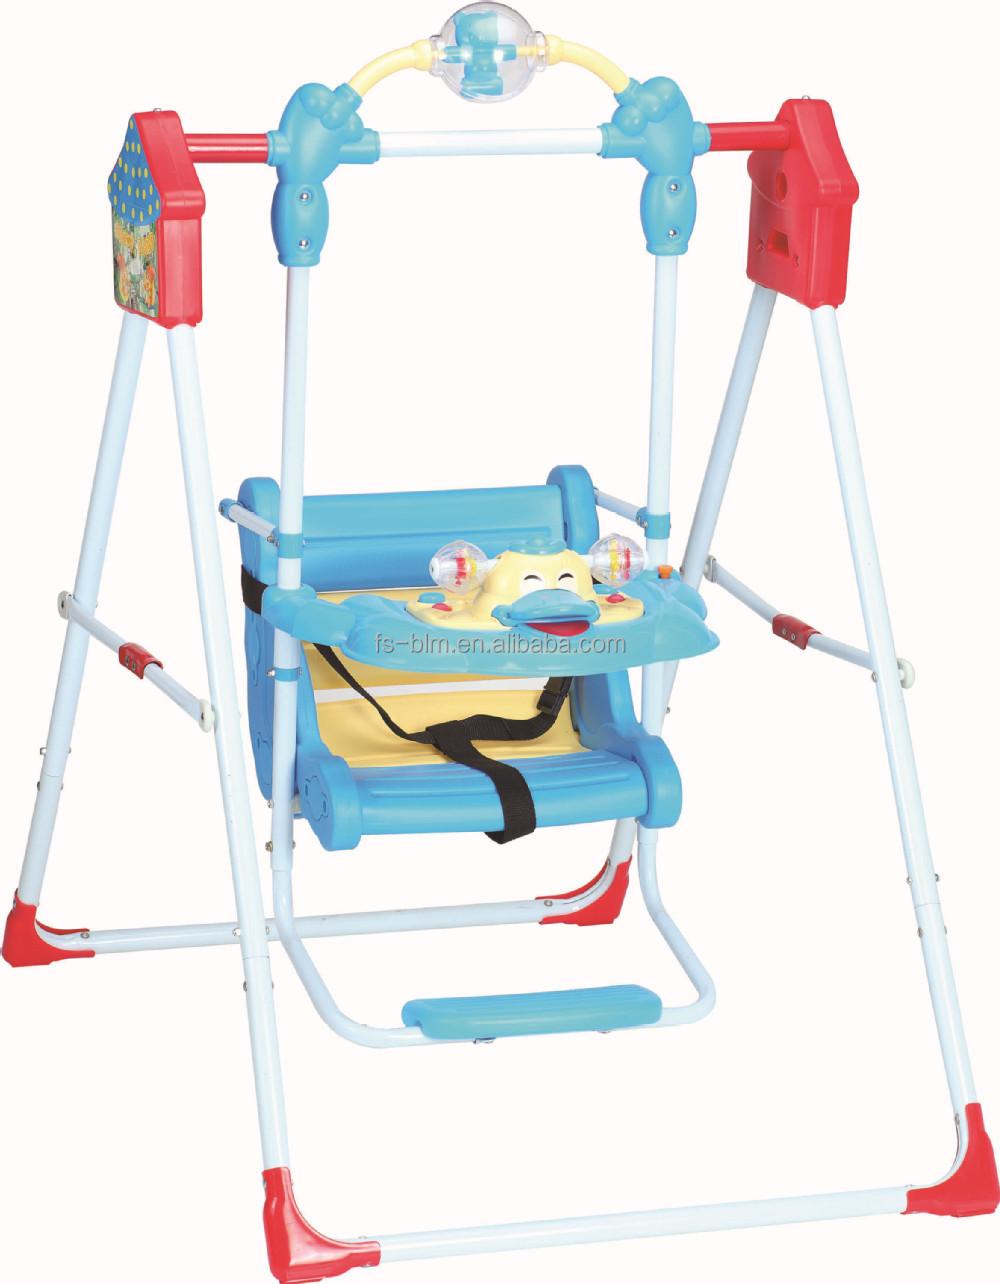 Outdoor baby swing - Hot Sale New Baby Outdoor Swing 105